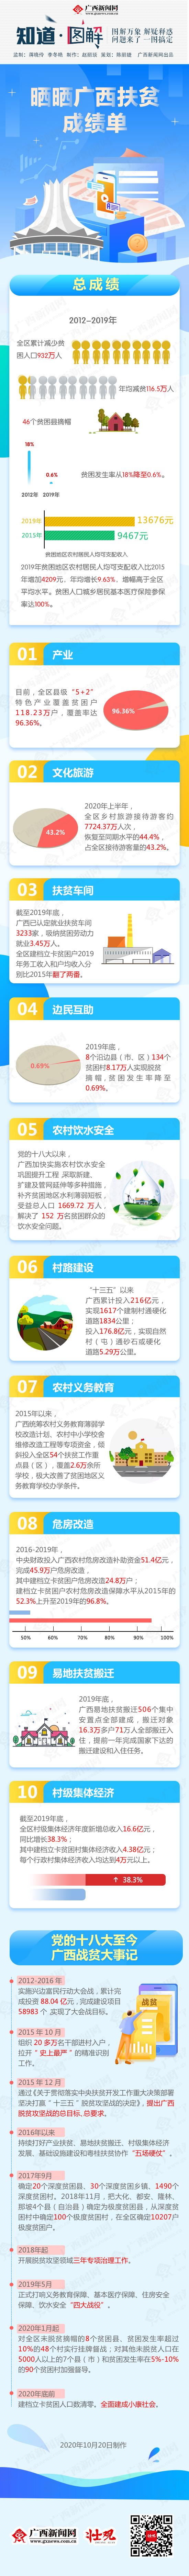 http://www.edaojz.cn/tiyujiankang/812005.html